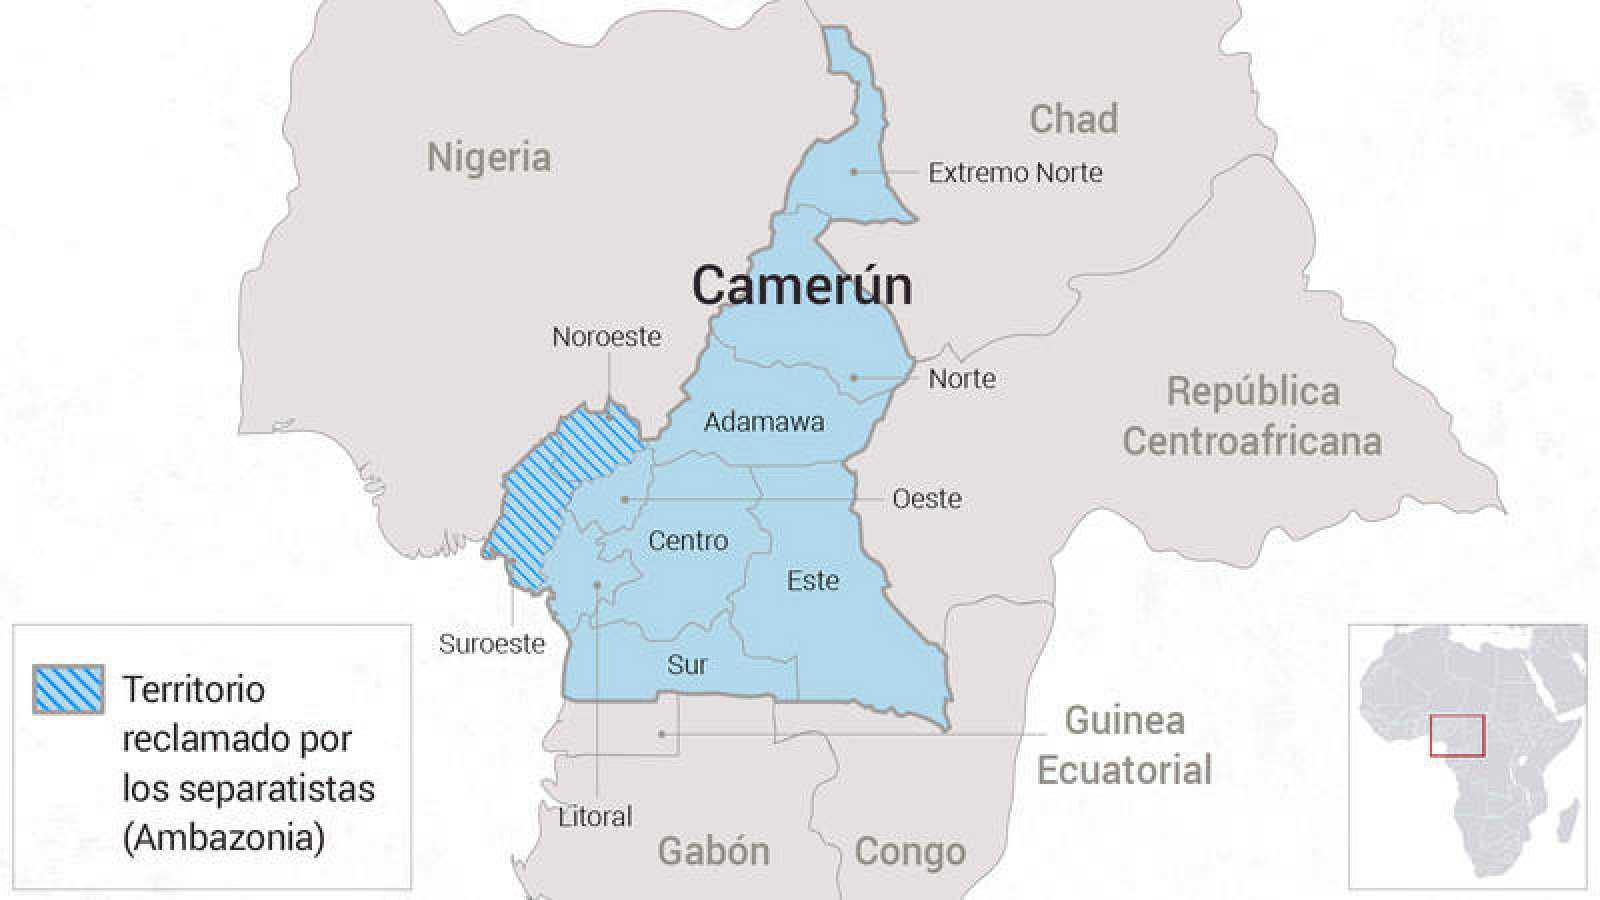 Camerún y sus diez regiones